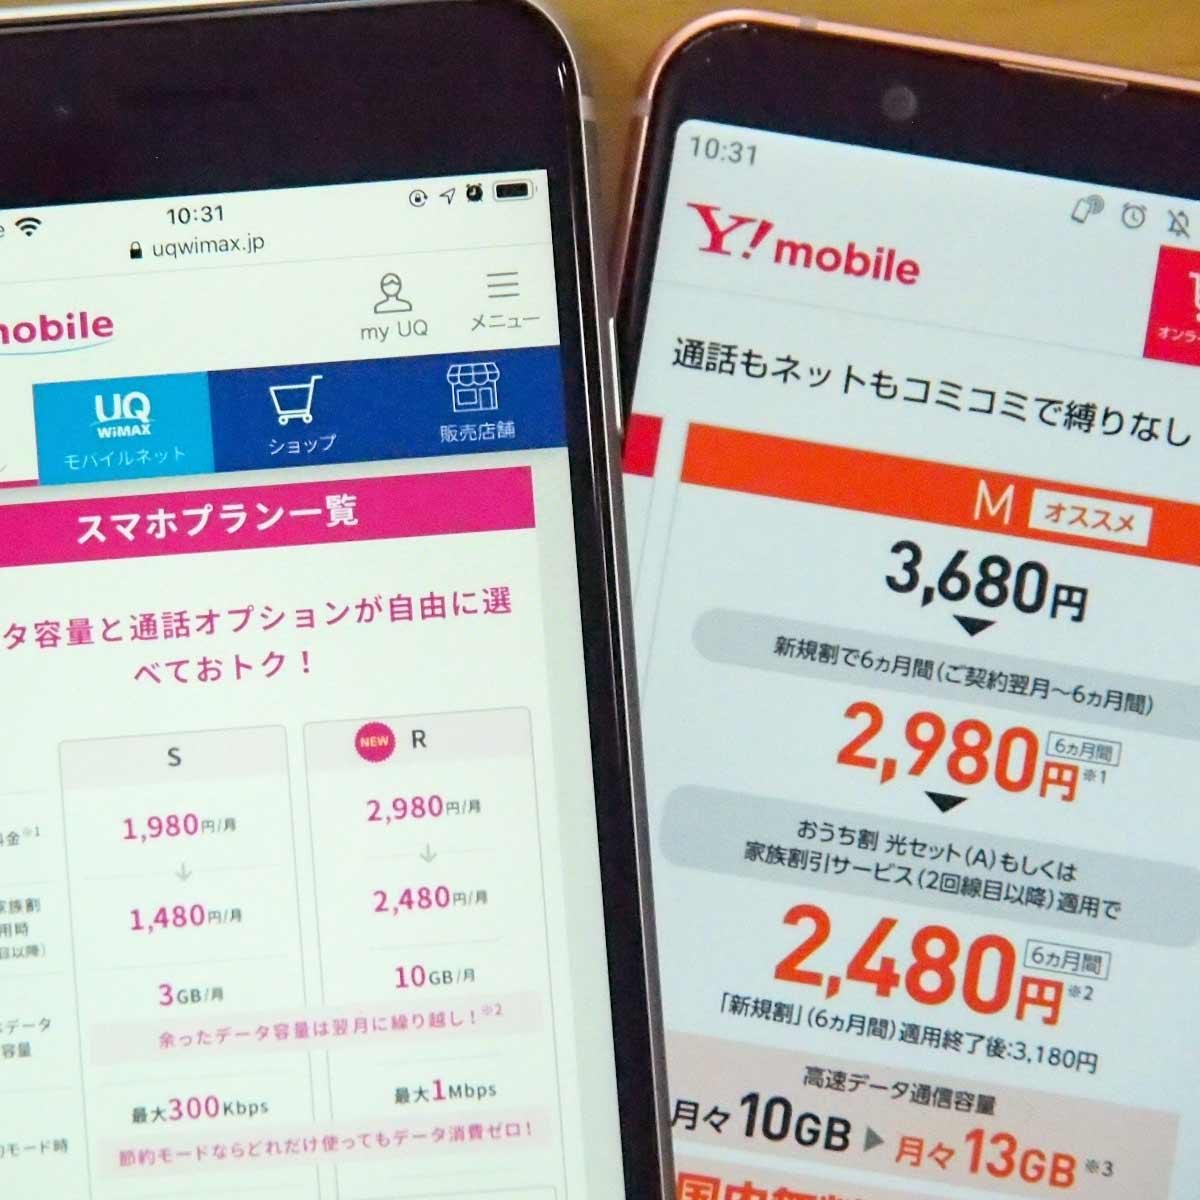 どこが変わった? 改定された「ワイモバイル」と「UQ mobile」の料金プランを比較